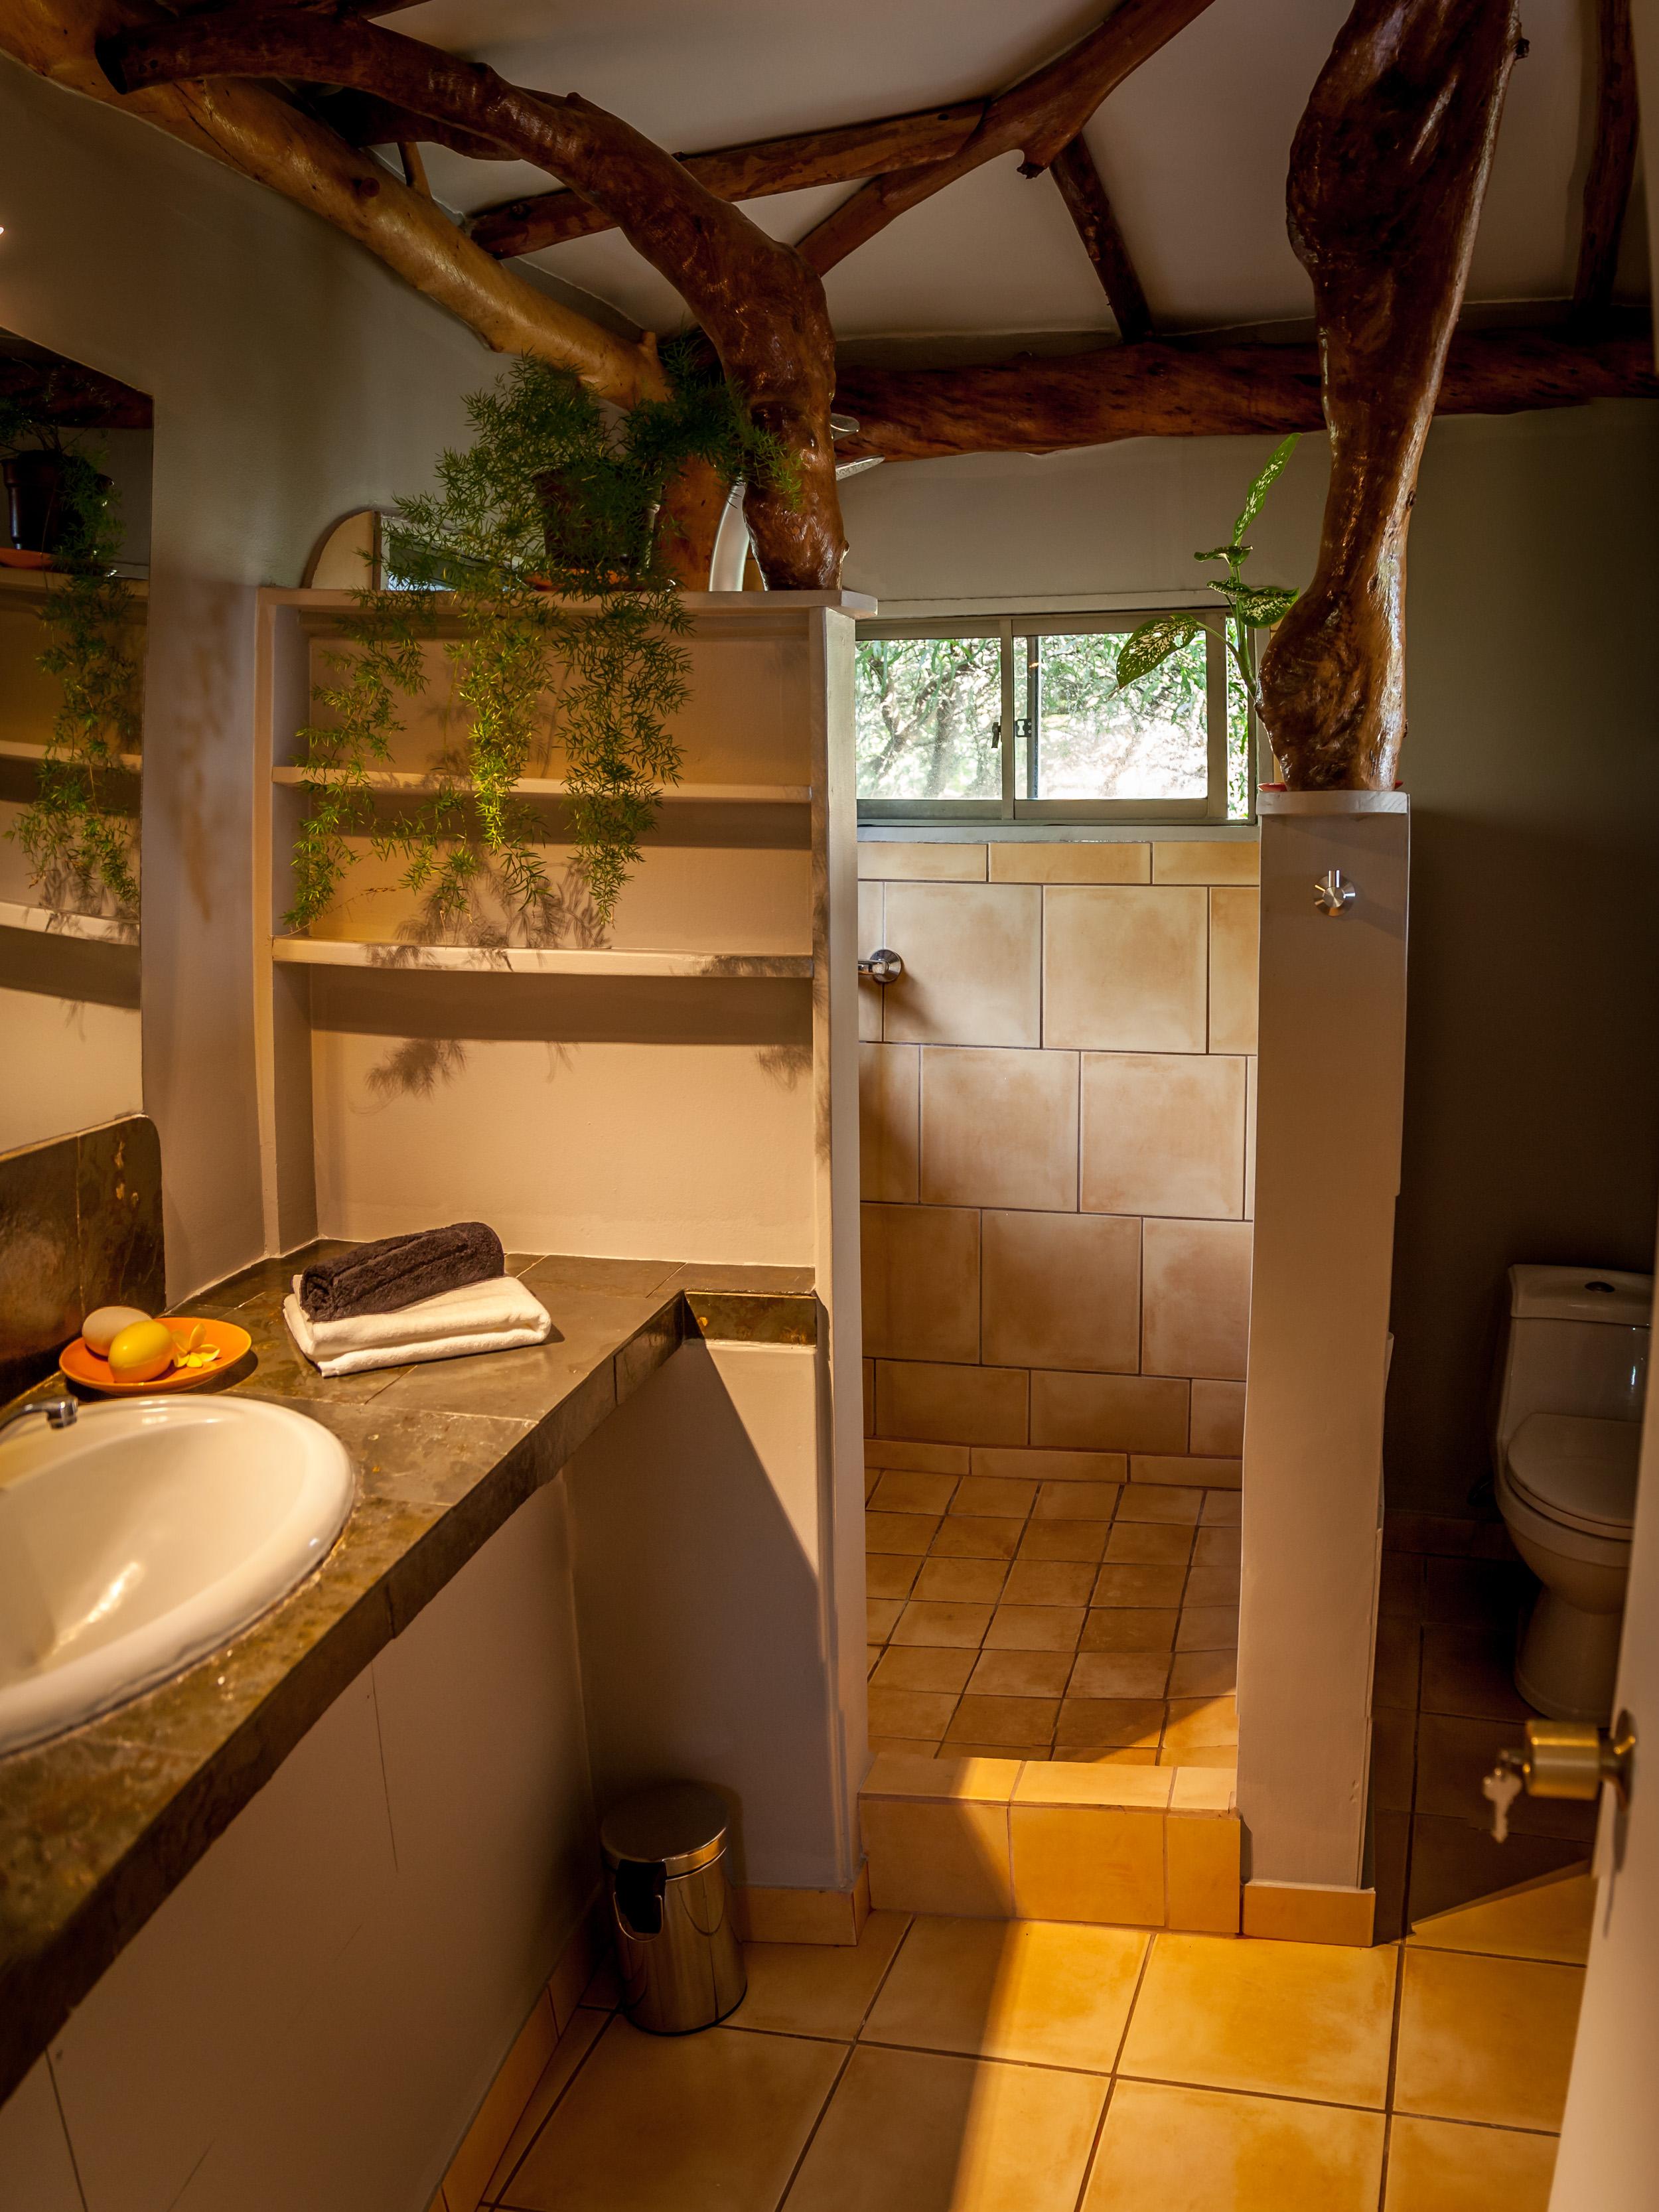 alojamiento en isla de pascua - Cabanas - Kona Koa Lodge 7